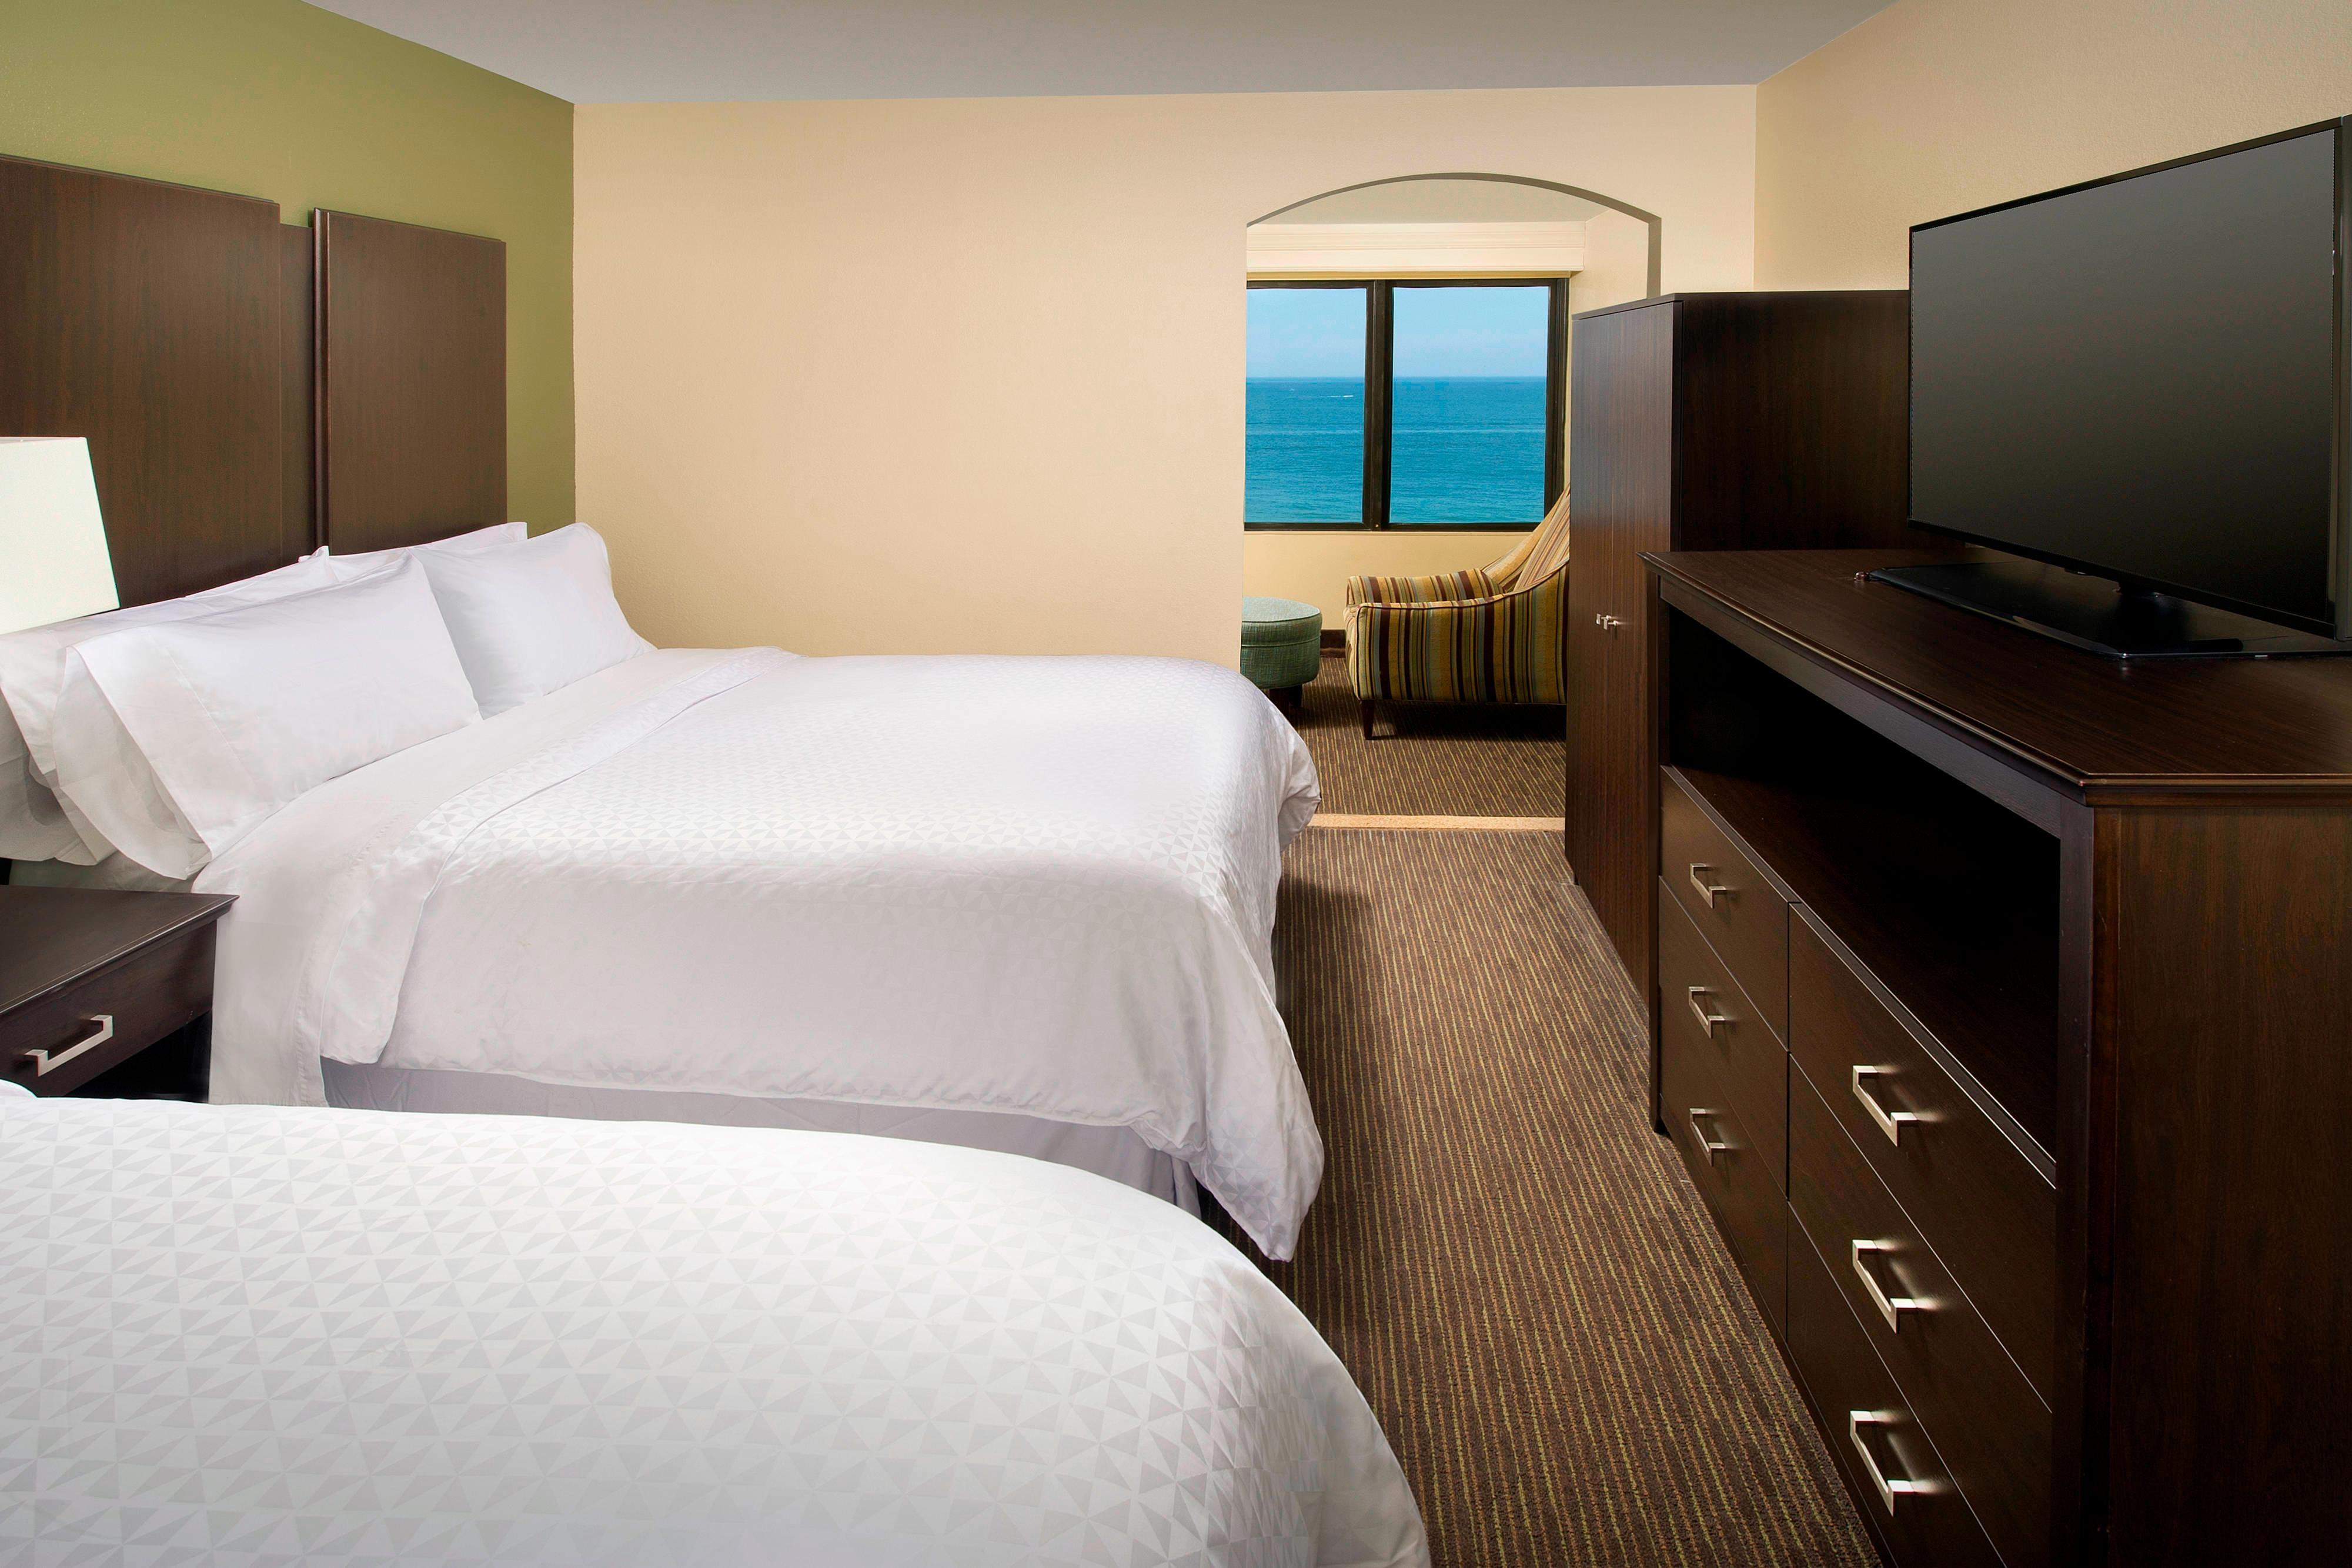 Queen Suite - Bedroom Room